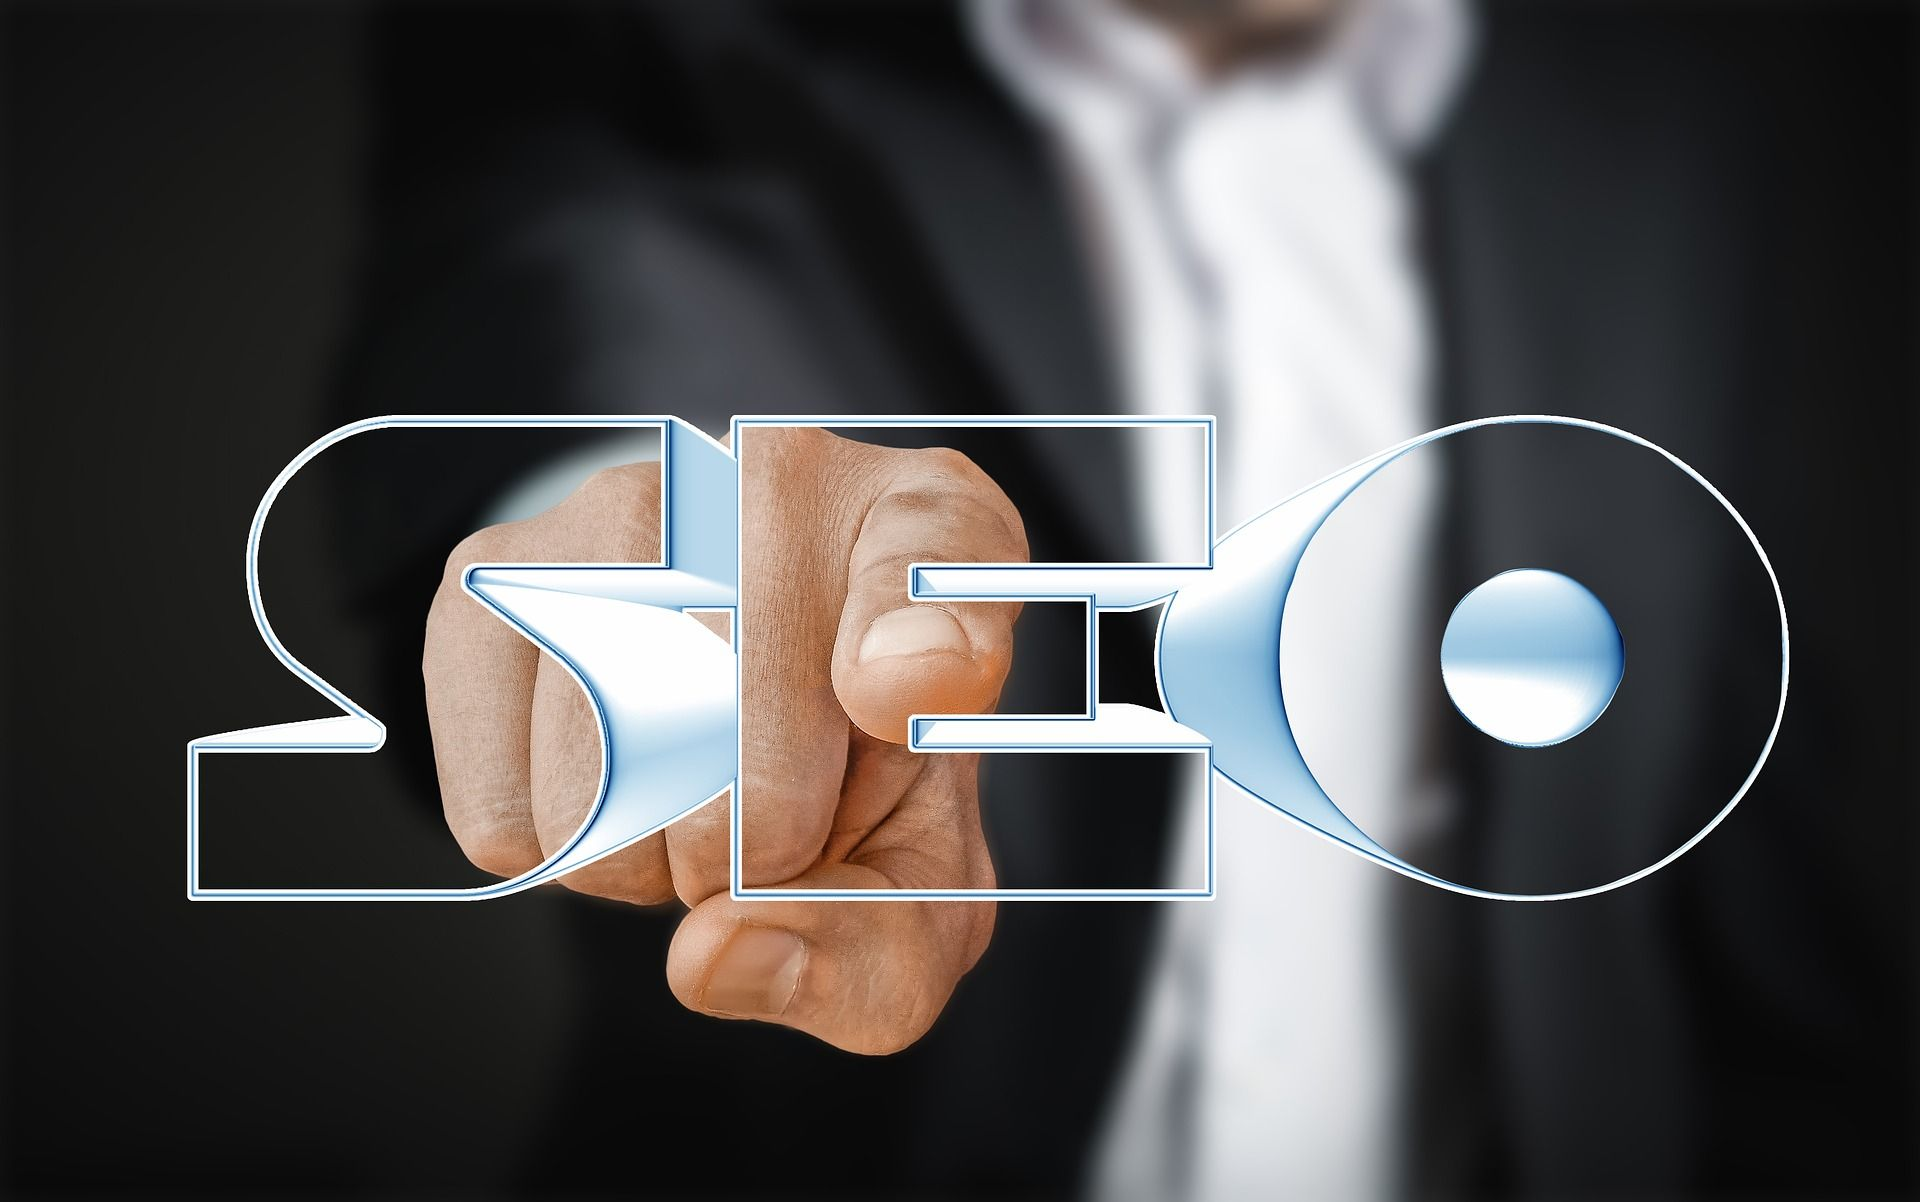 SEO Ranking Web asegura que el posicionamiento web impulsa la visibilidad online de empresas y Pymes